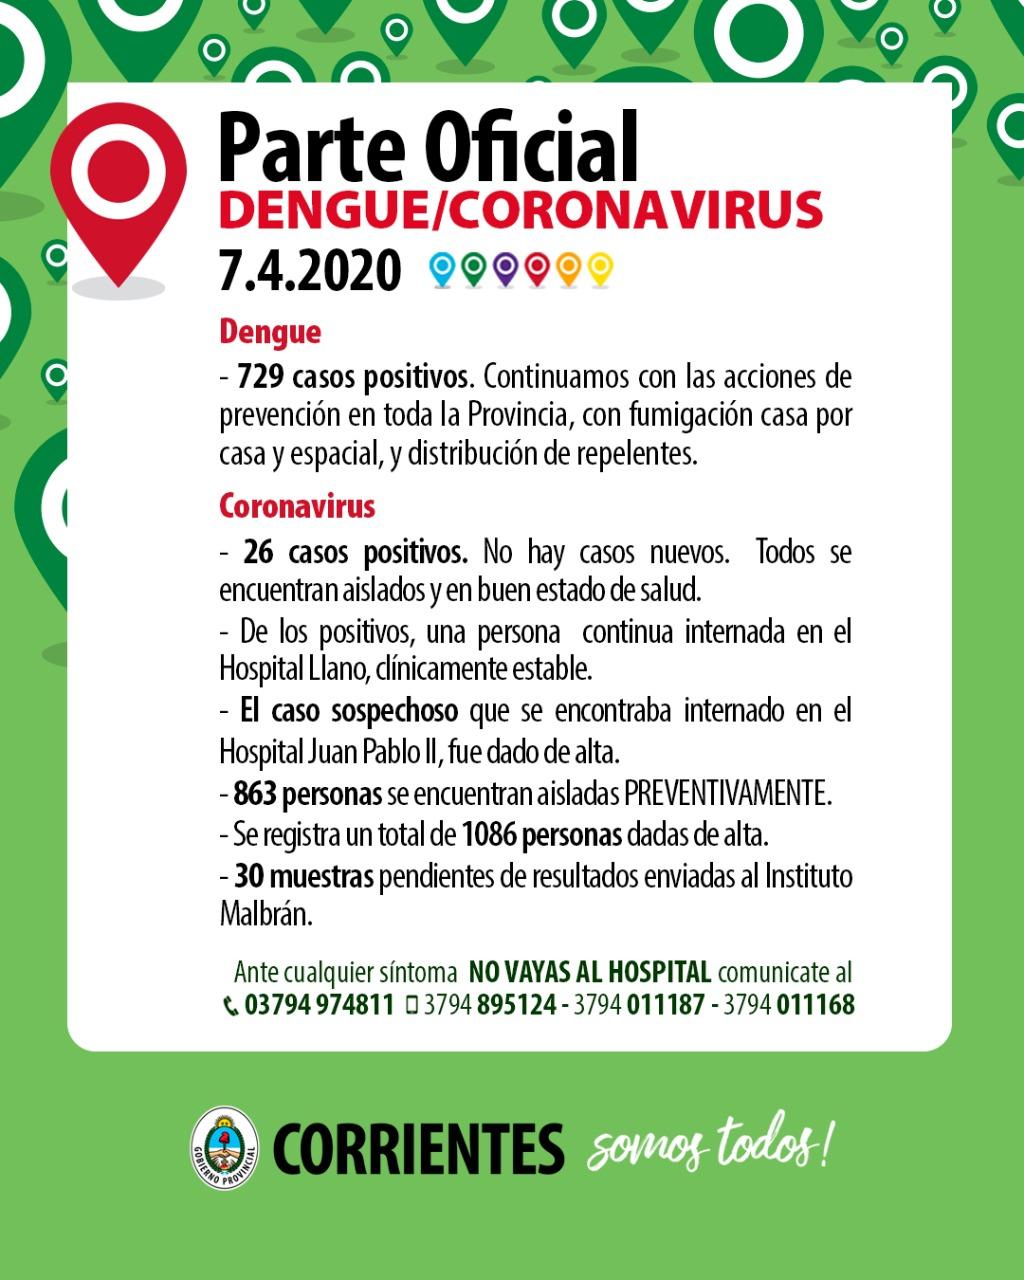 No hubo nuevo contagio de Coronavirus a la fechas se acumulan 26 casos positivos